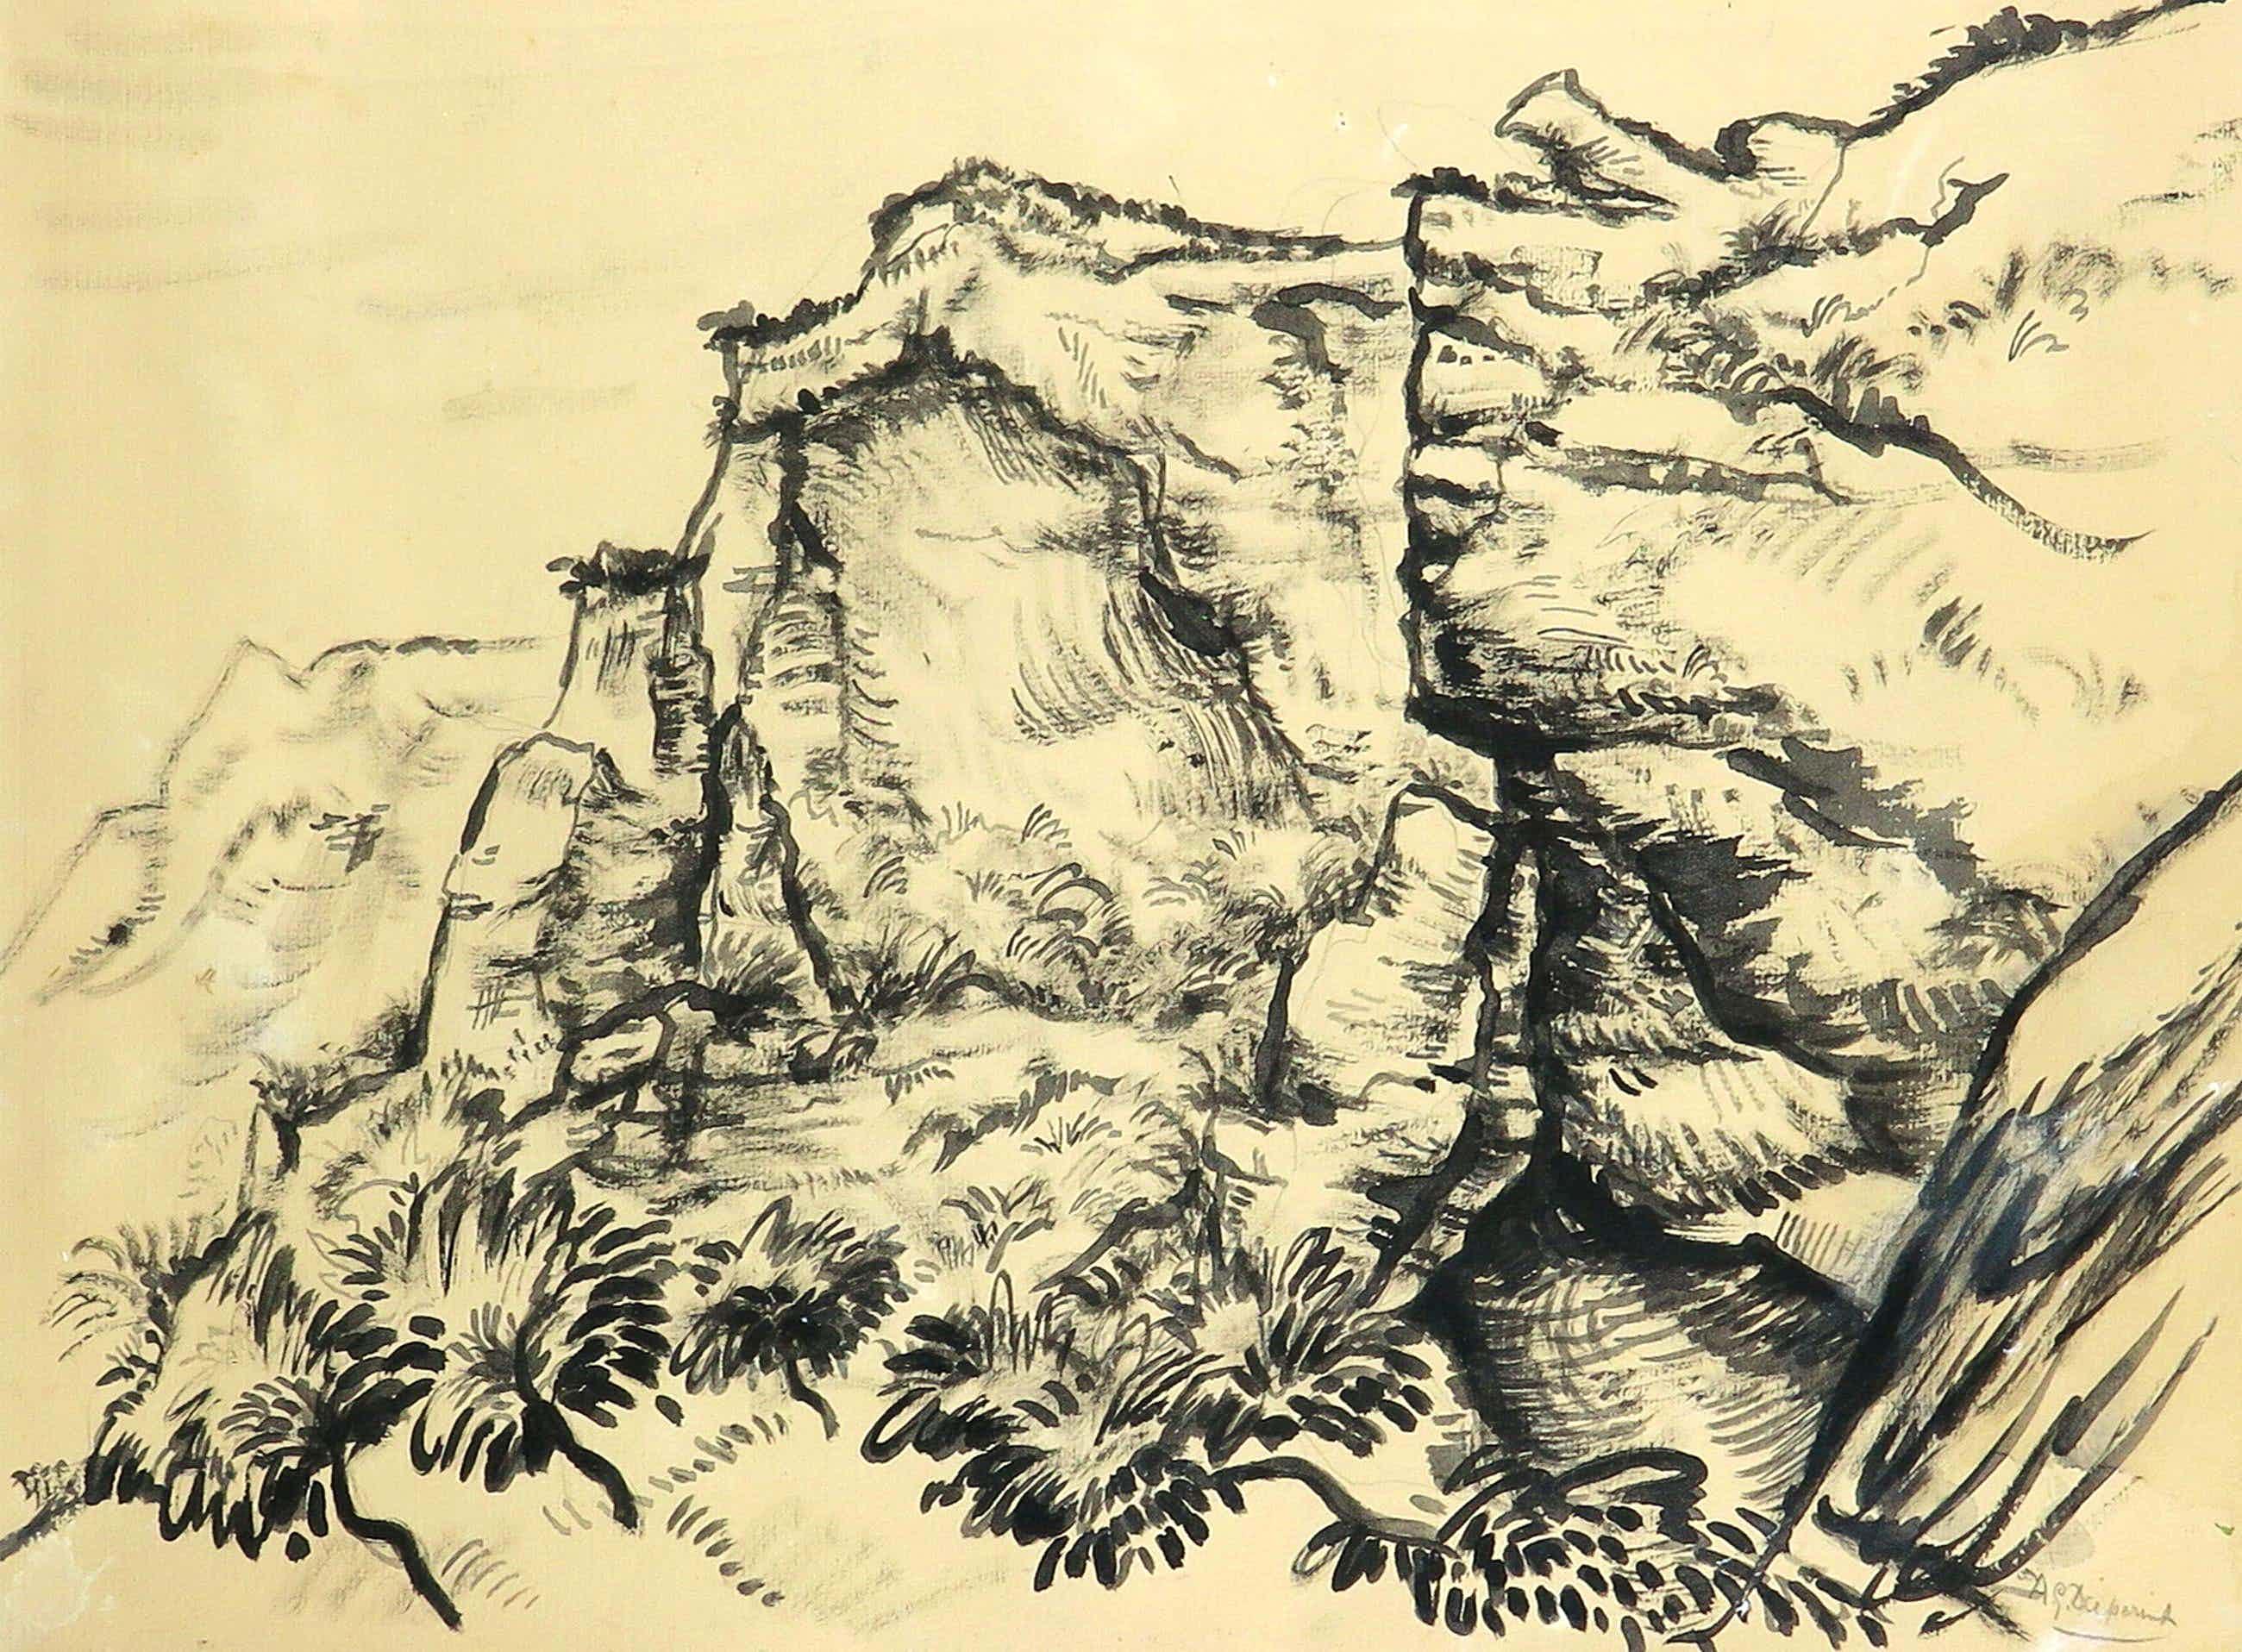 Alexander Gerhardus Dieperink - Landschap met rotsen kopen? Bied vanaf 15!